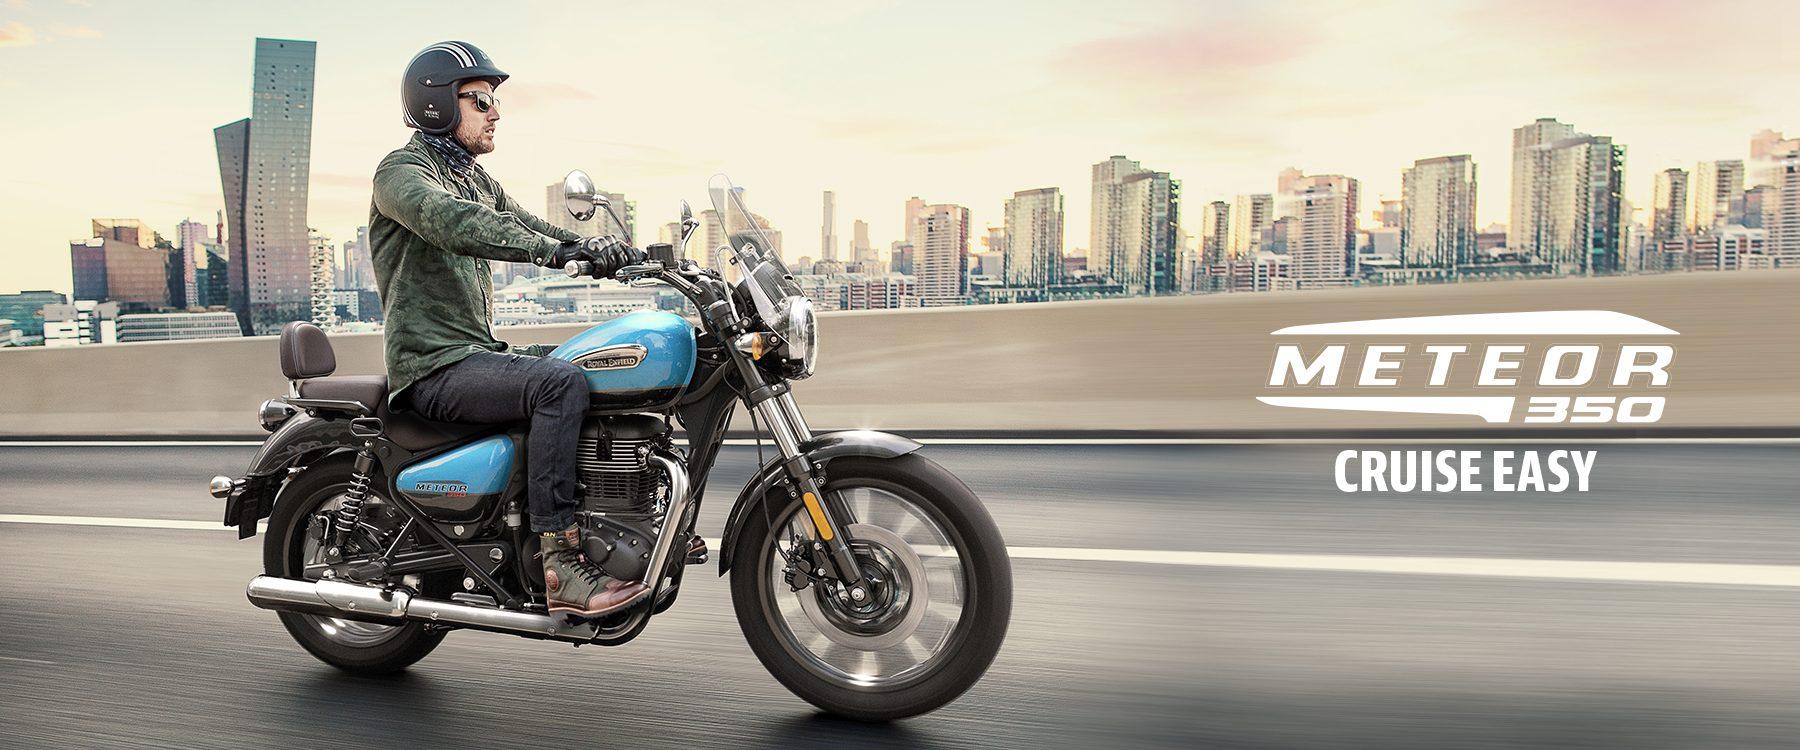 New Royal Enfield Meteor 350 Motorbike